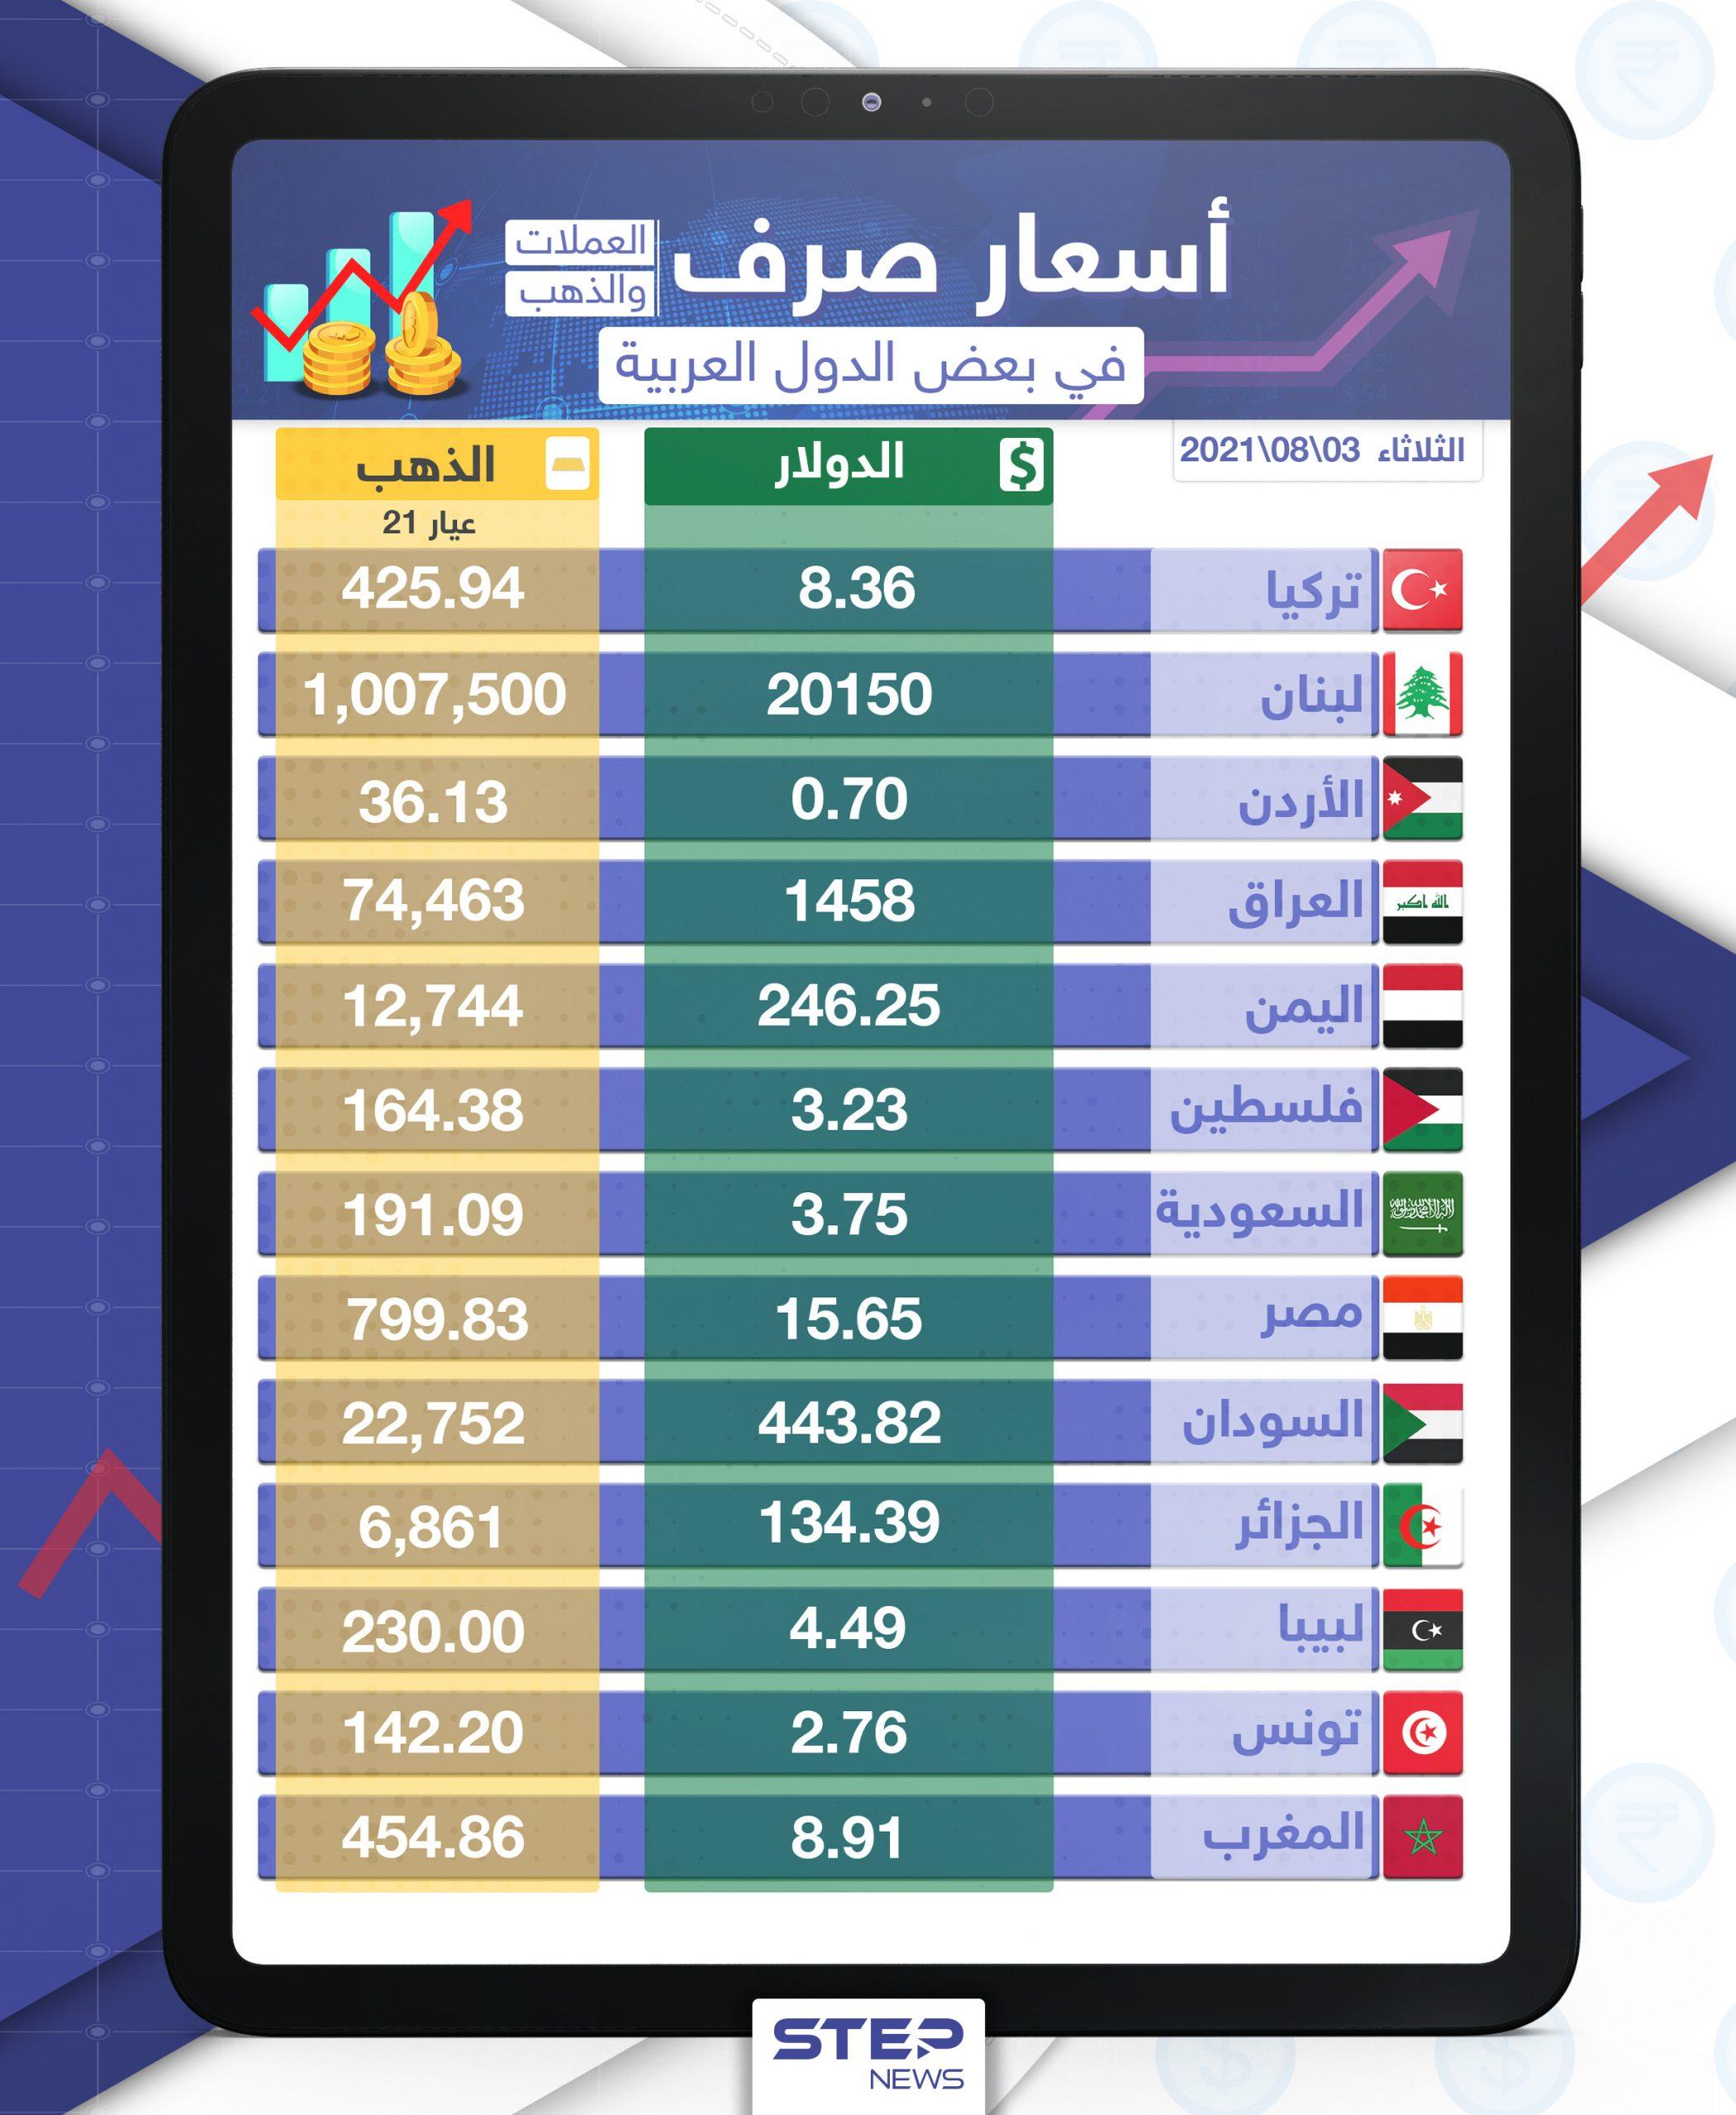 أسعار الذهب والعملات للدول العربية وتركيا اليوم الثلاثاء الموافق 03 آب 2021